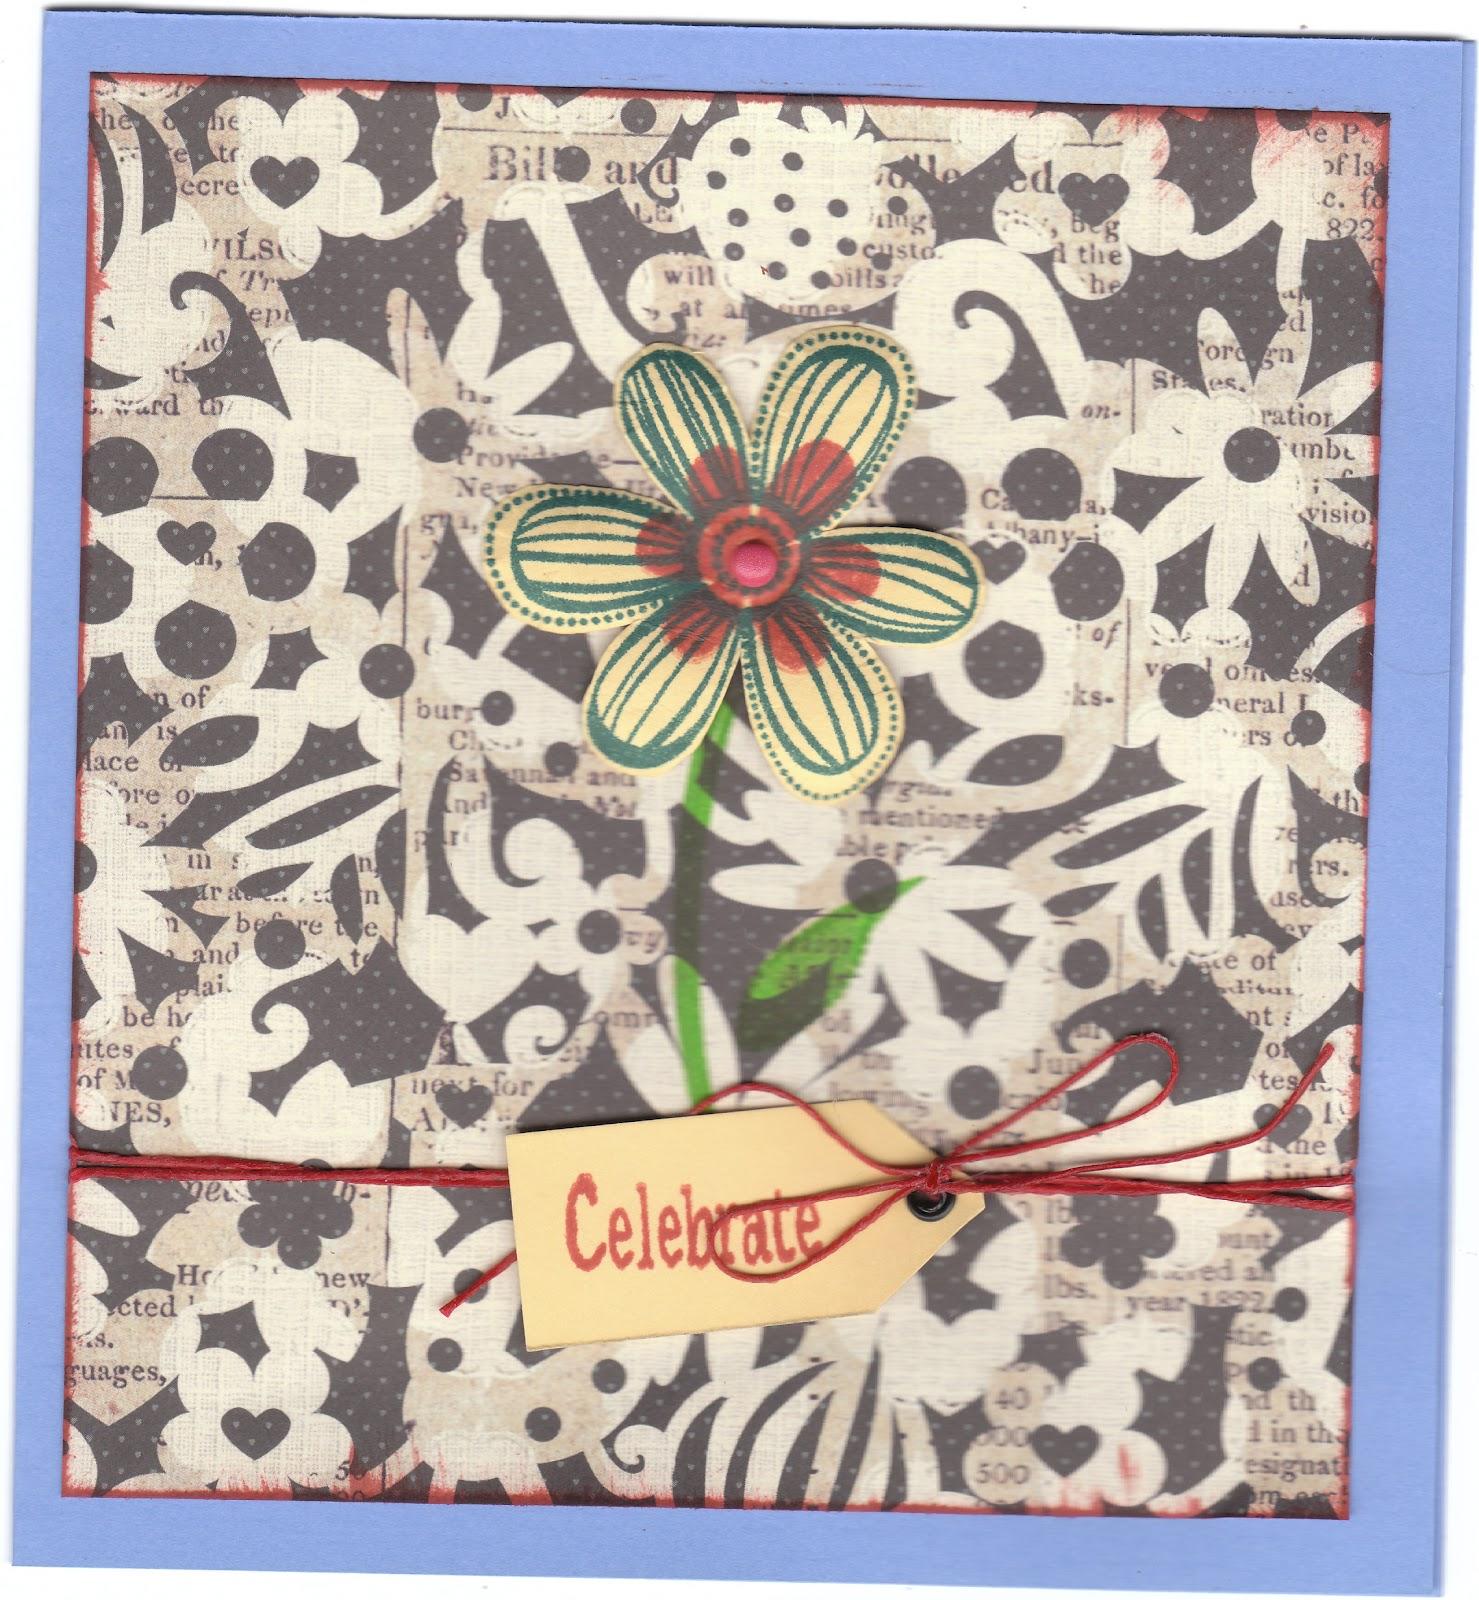 http://3.bp.blogspot.com/-Pz83LZO0c_k/TzlTblD_xqI/AAAAAAAAAZA/_pQ3dRbrXy4/s1600/nanny+bday+card+2012.jpg